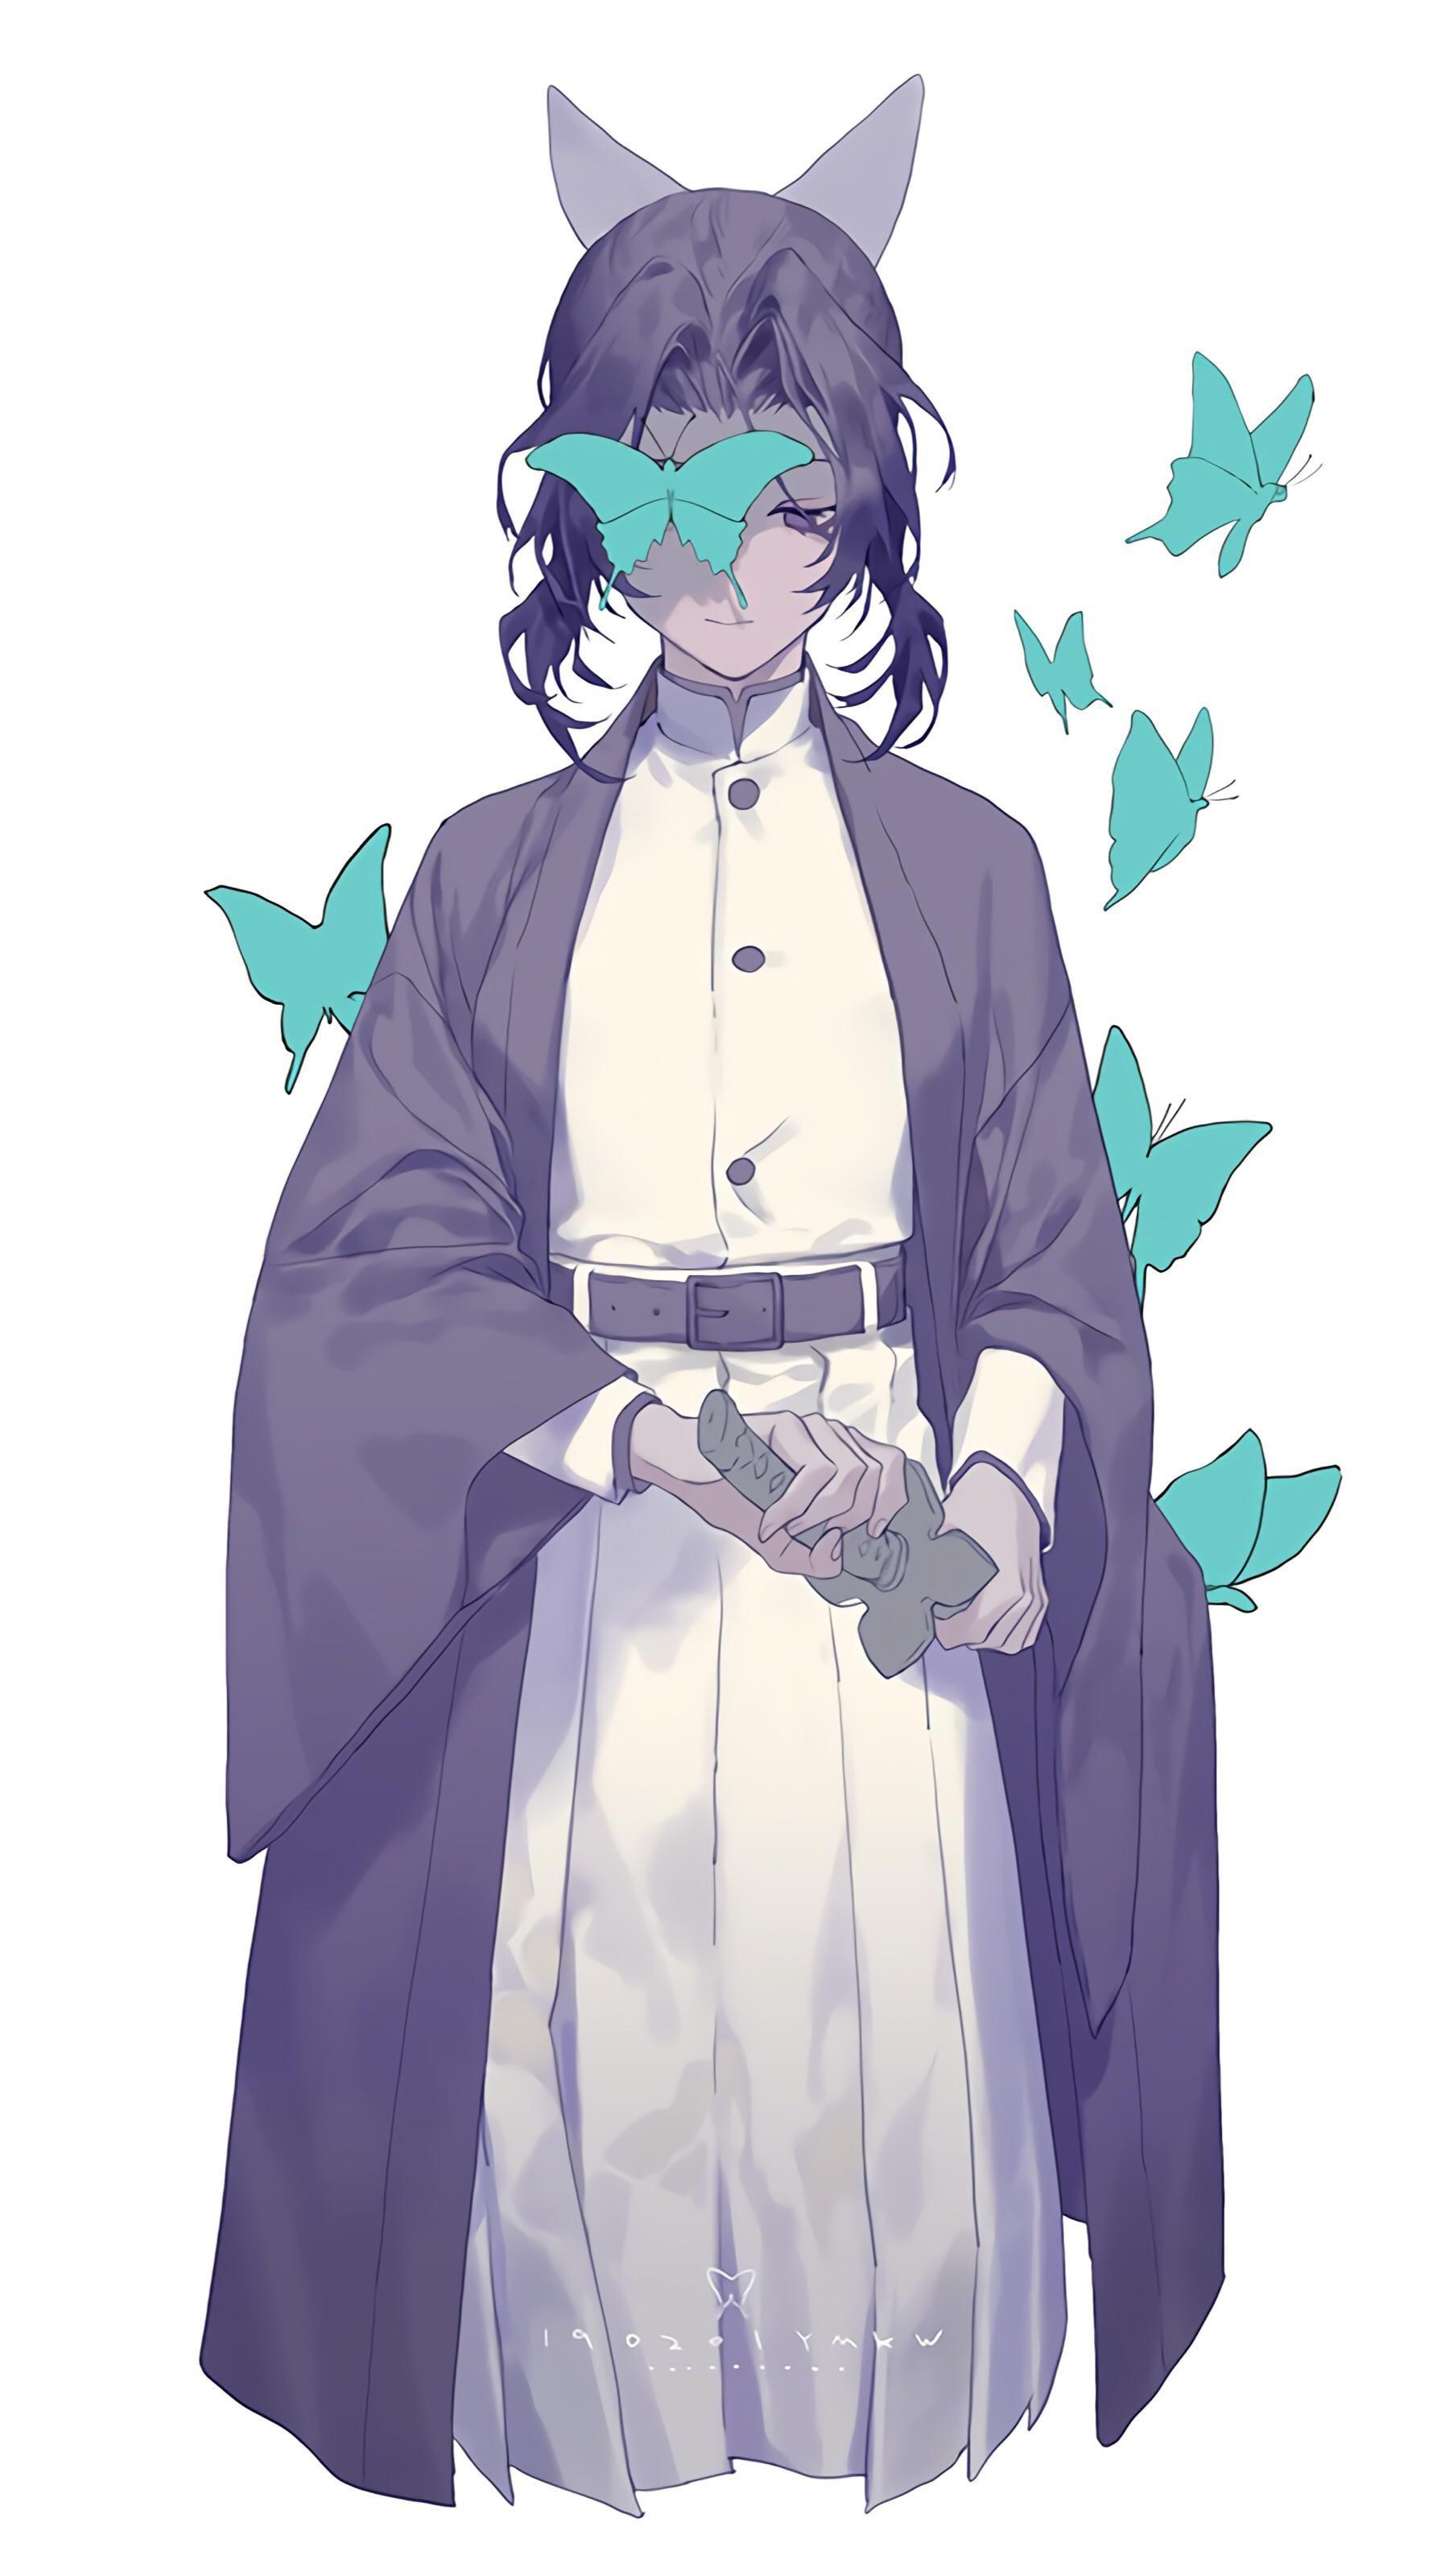 Shinobu Kouchou [Demon Slayer Kimetsu no Yaiba